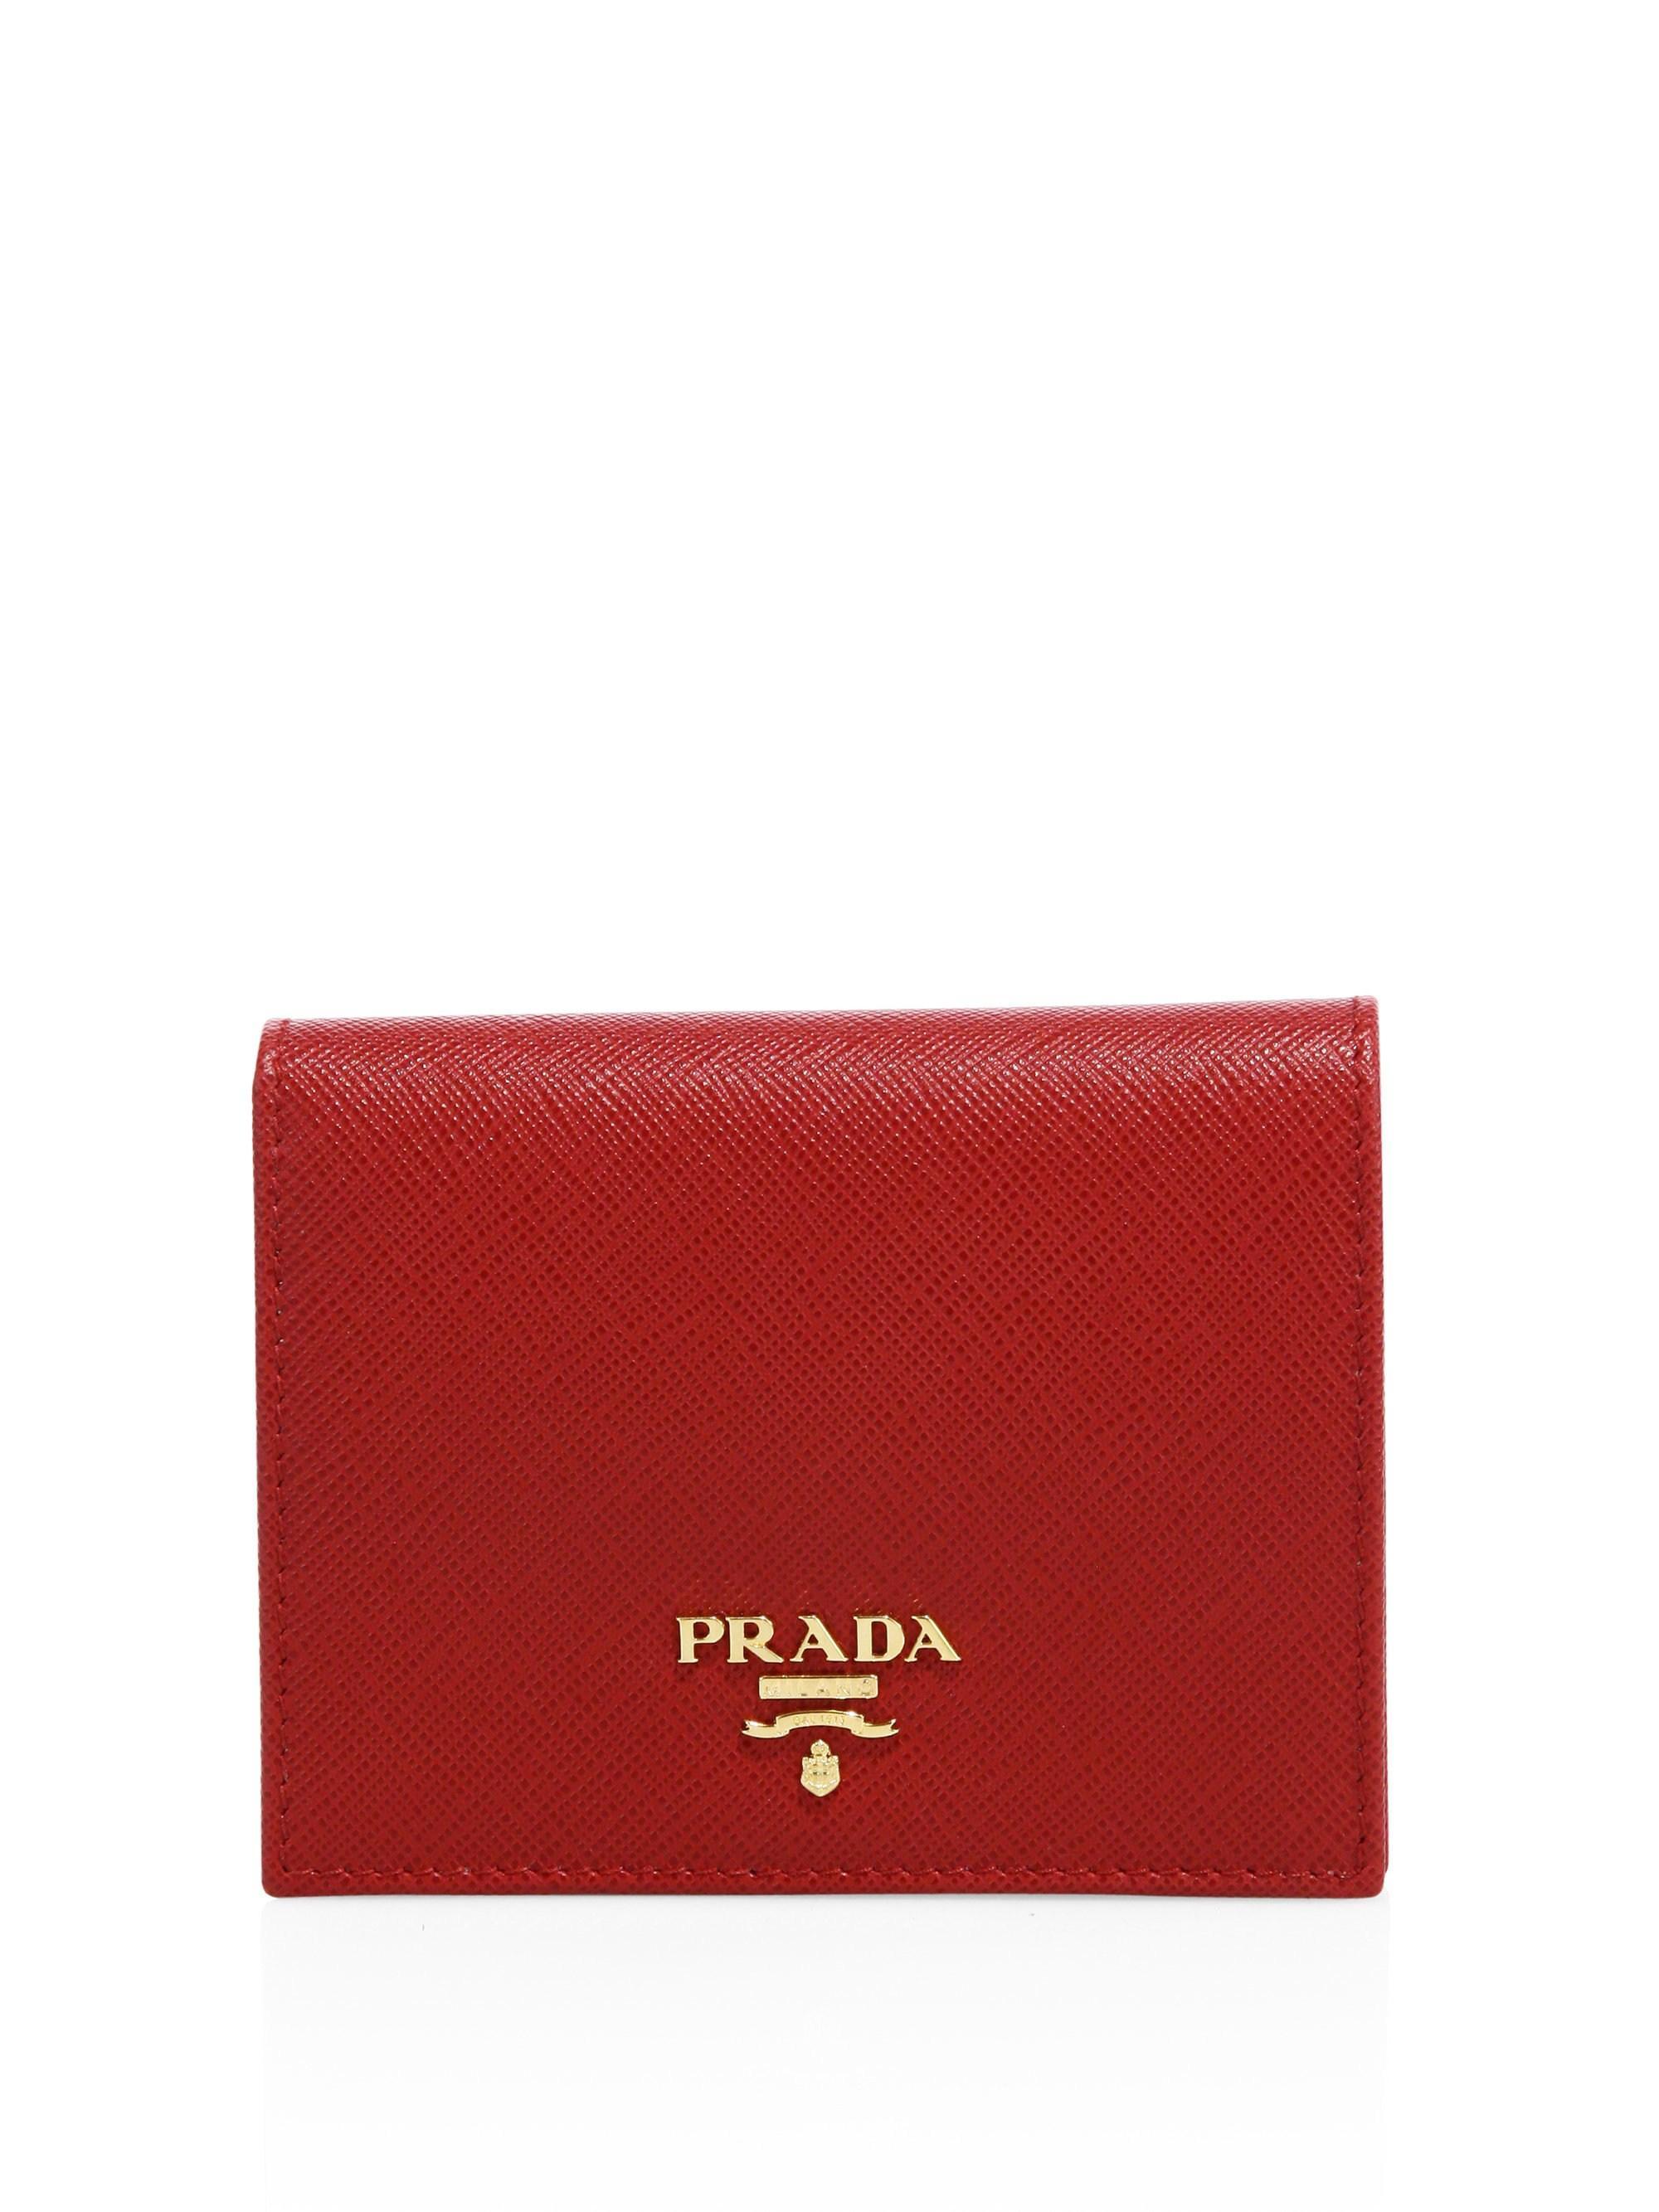 40c1f6466e833f Prada Women's Mini Saffiano Leather Bifold Wallet - Black in Red - Lyst